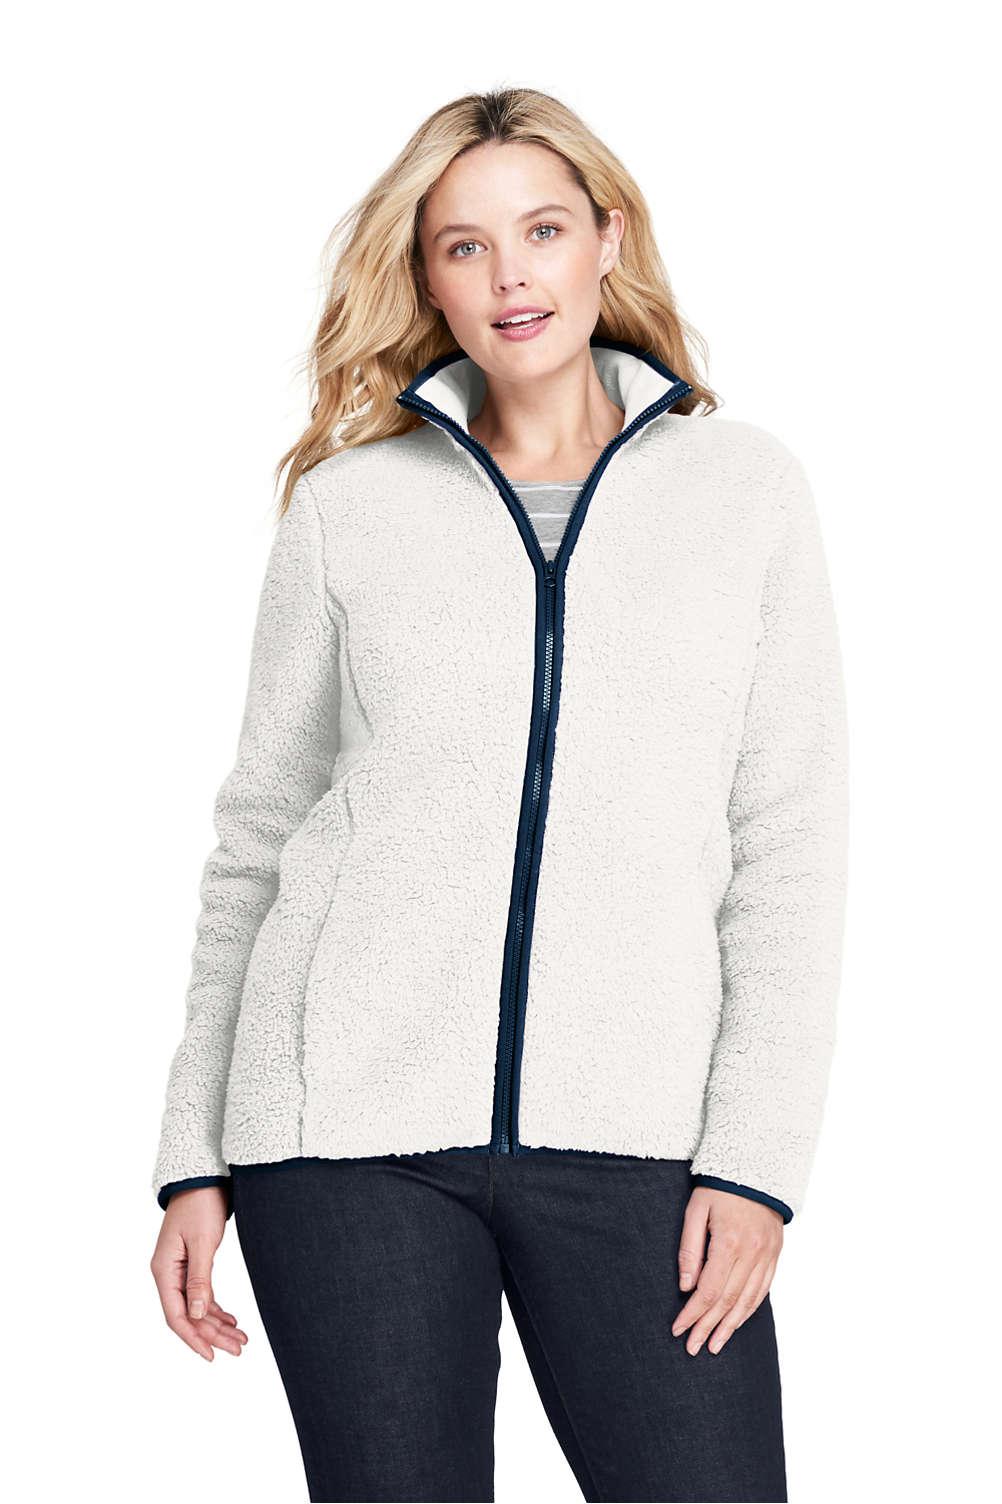 739094616a2 Women's Plus Size Cozy Sherpa Fleece Jacket from Lands' End